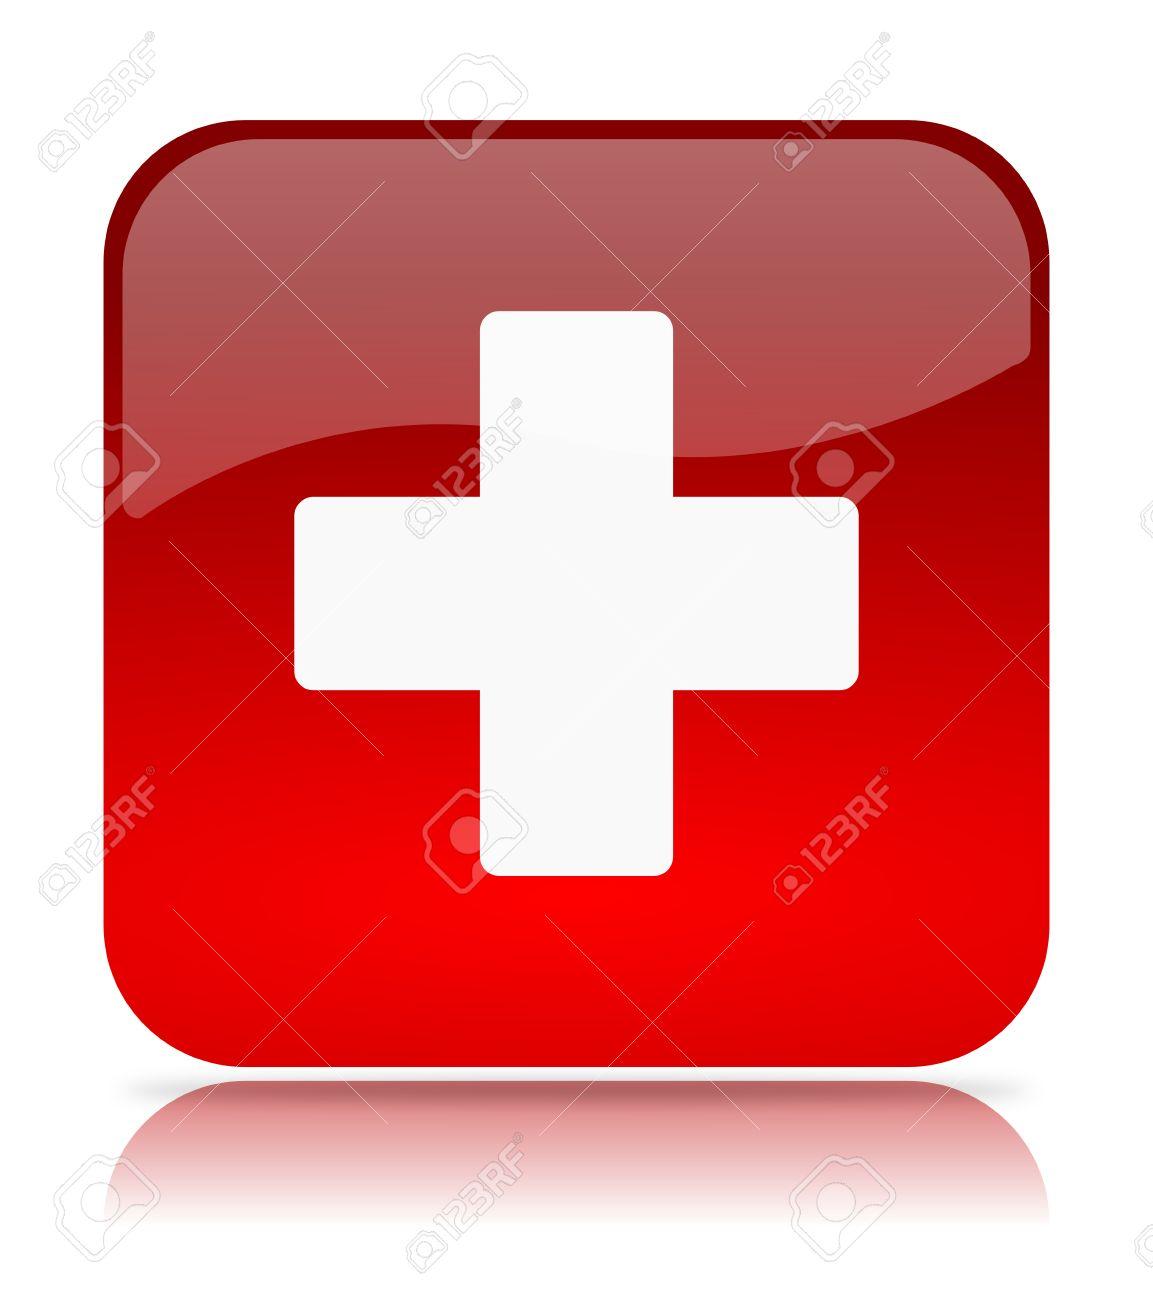 Saison 2016 - 2017 - Page 6 35820928-Croix-Rouge-App-Ic-ne-Illustration-sur-fond-blanc-Banque-d'images